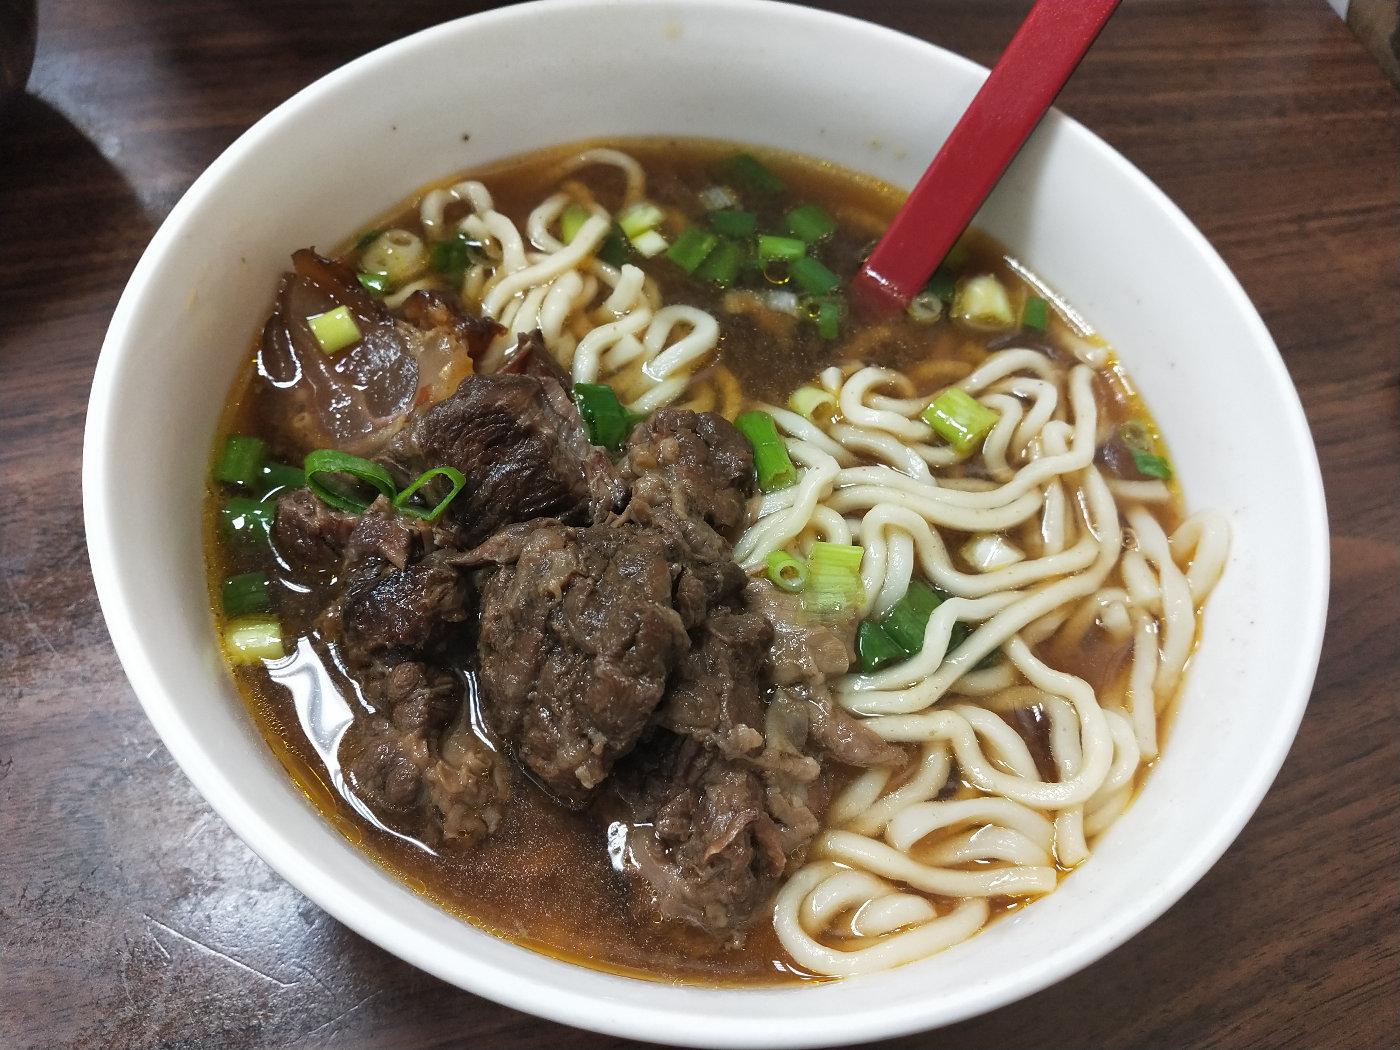 牛肉面的特写,看看这扎实的肉,汤好好喝